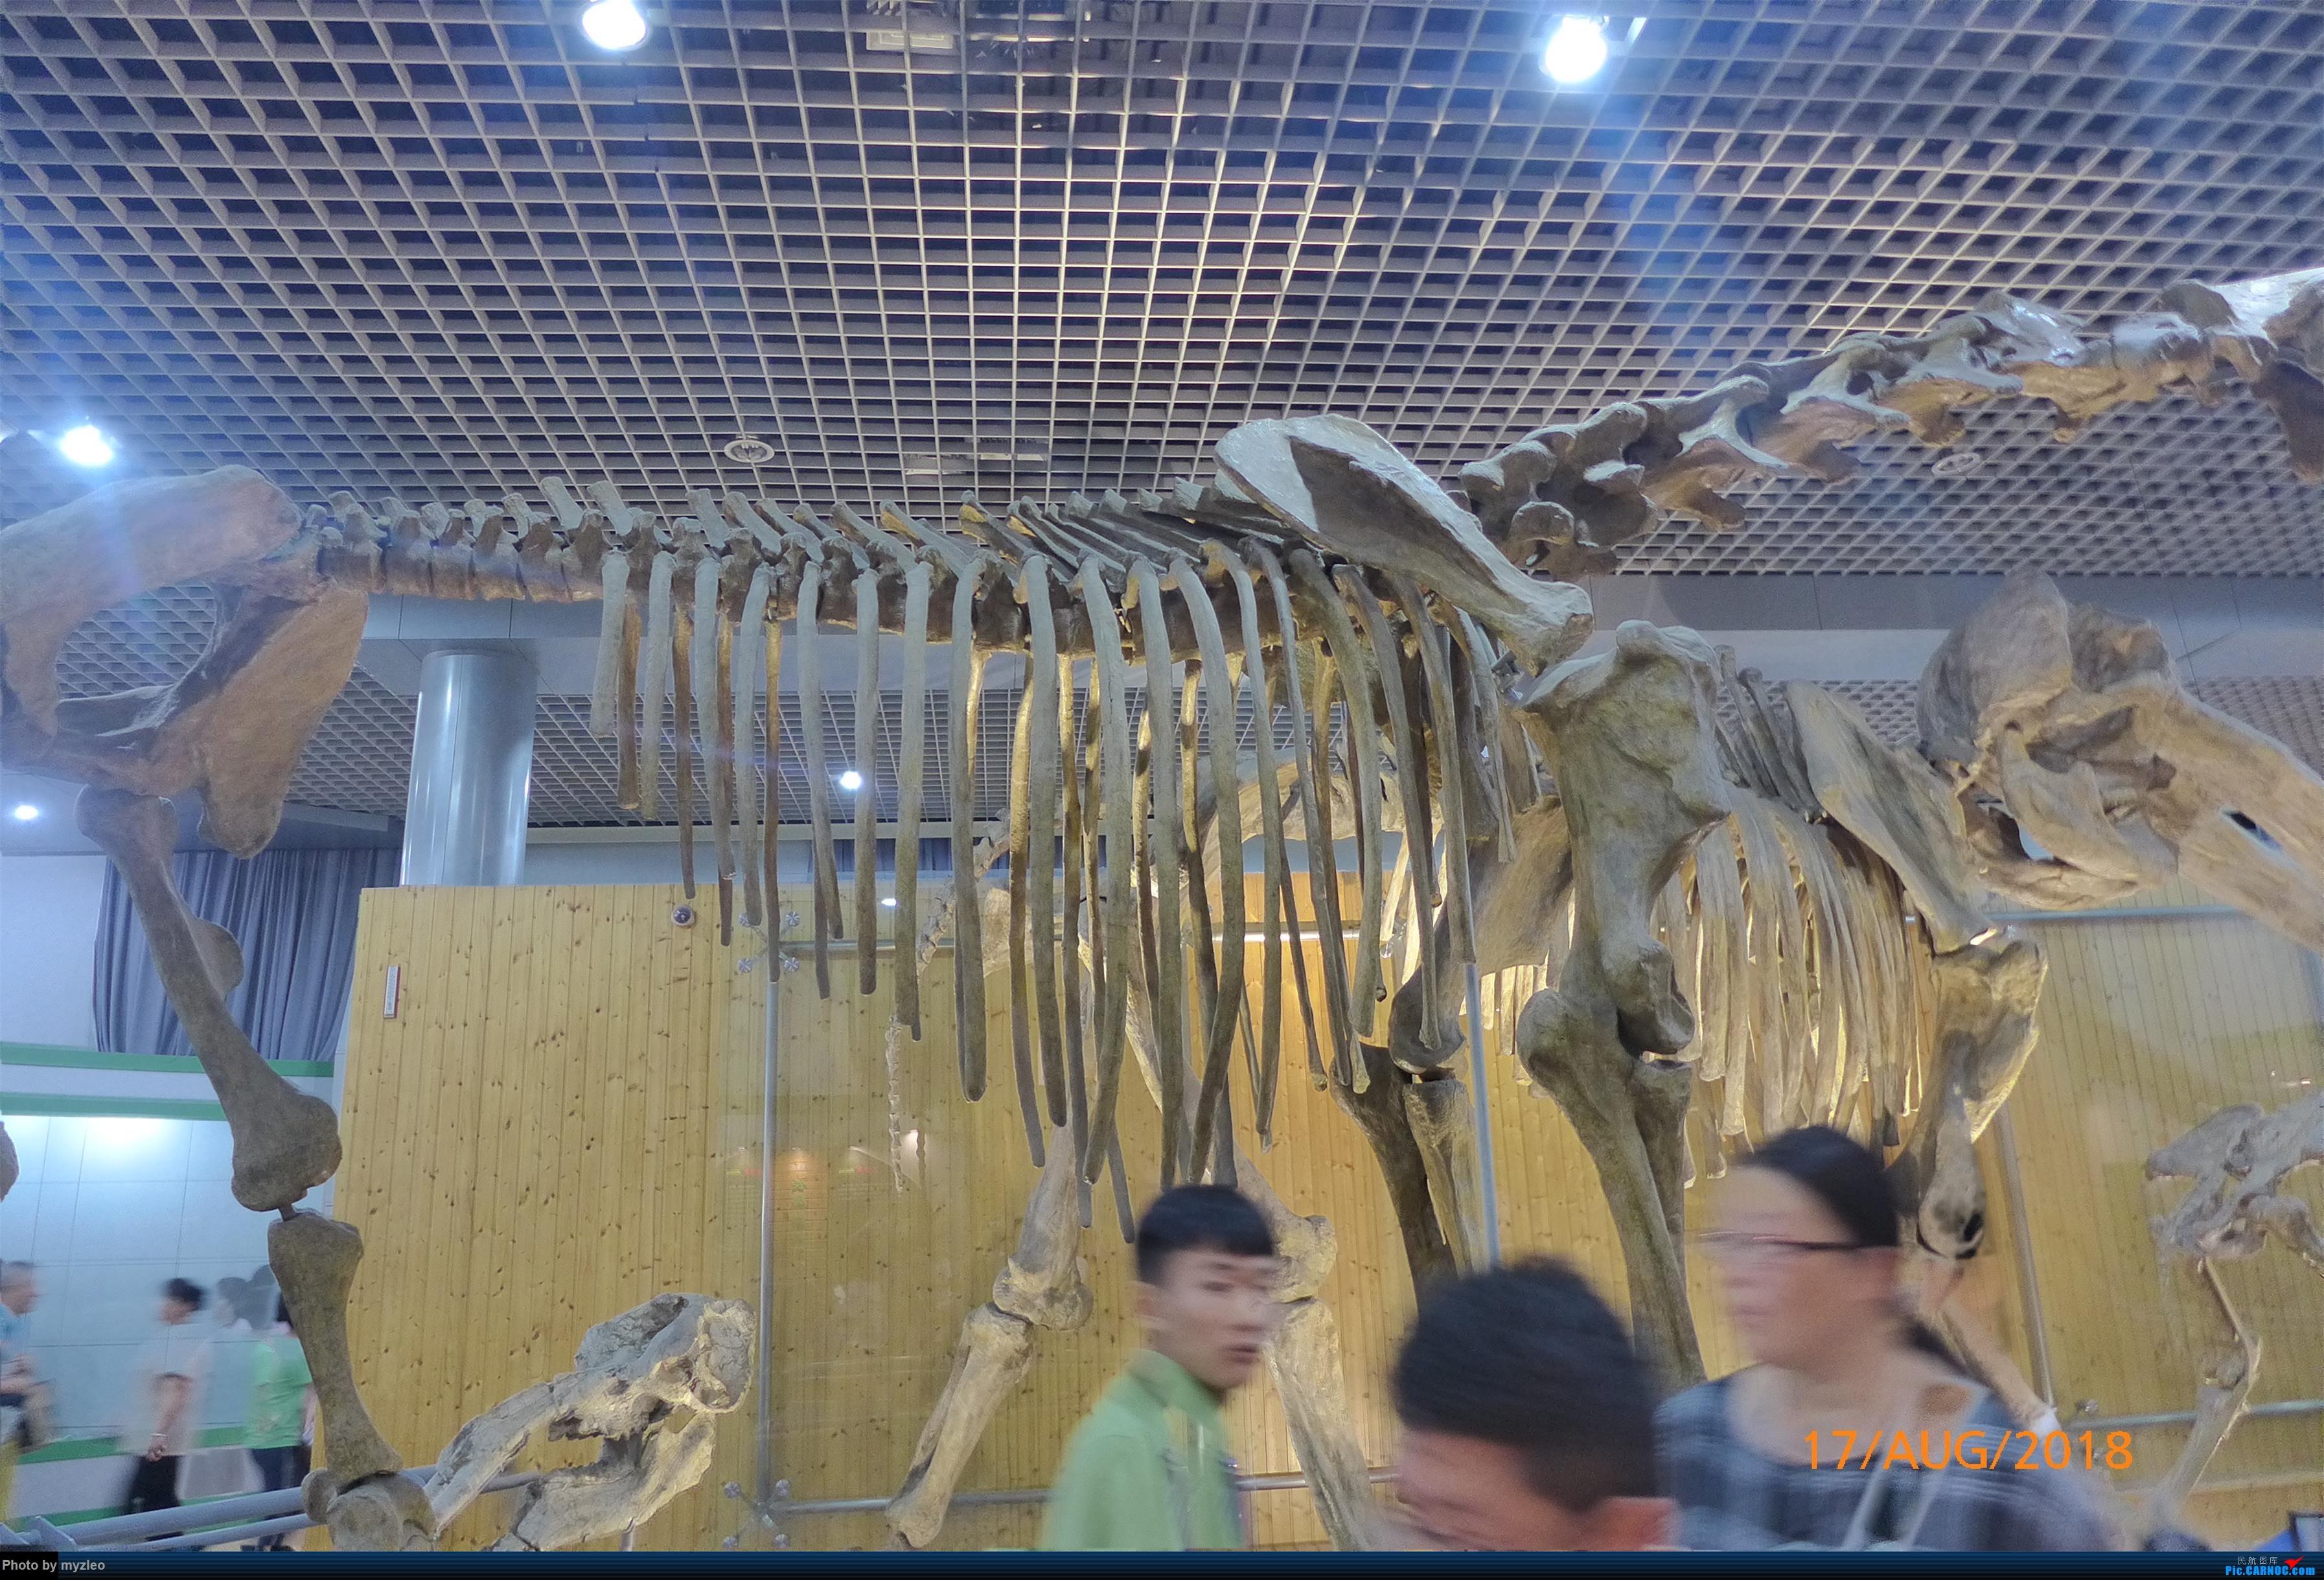 Re:[原创]【myzleo的游记3.2】三访帝都(2)——自然博物馆详解